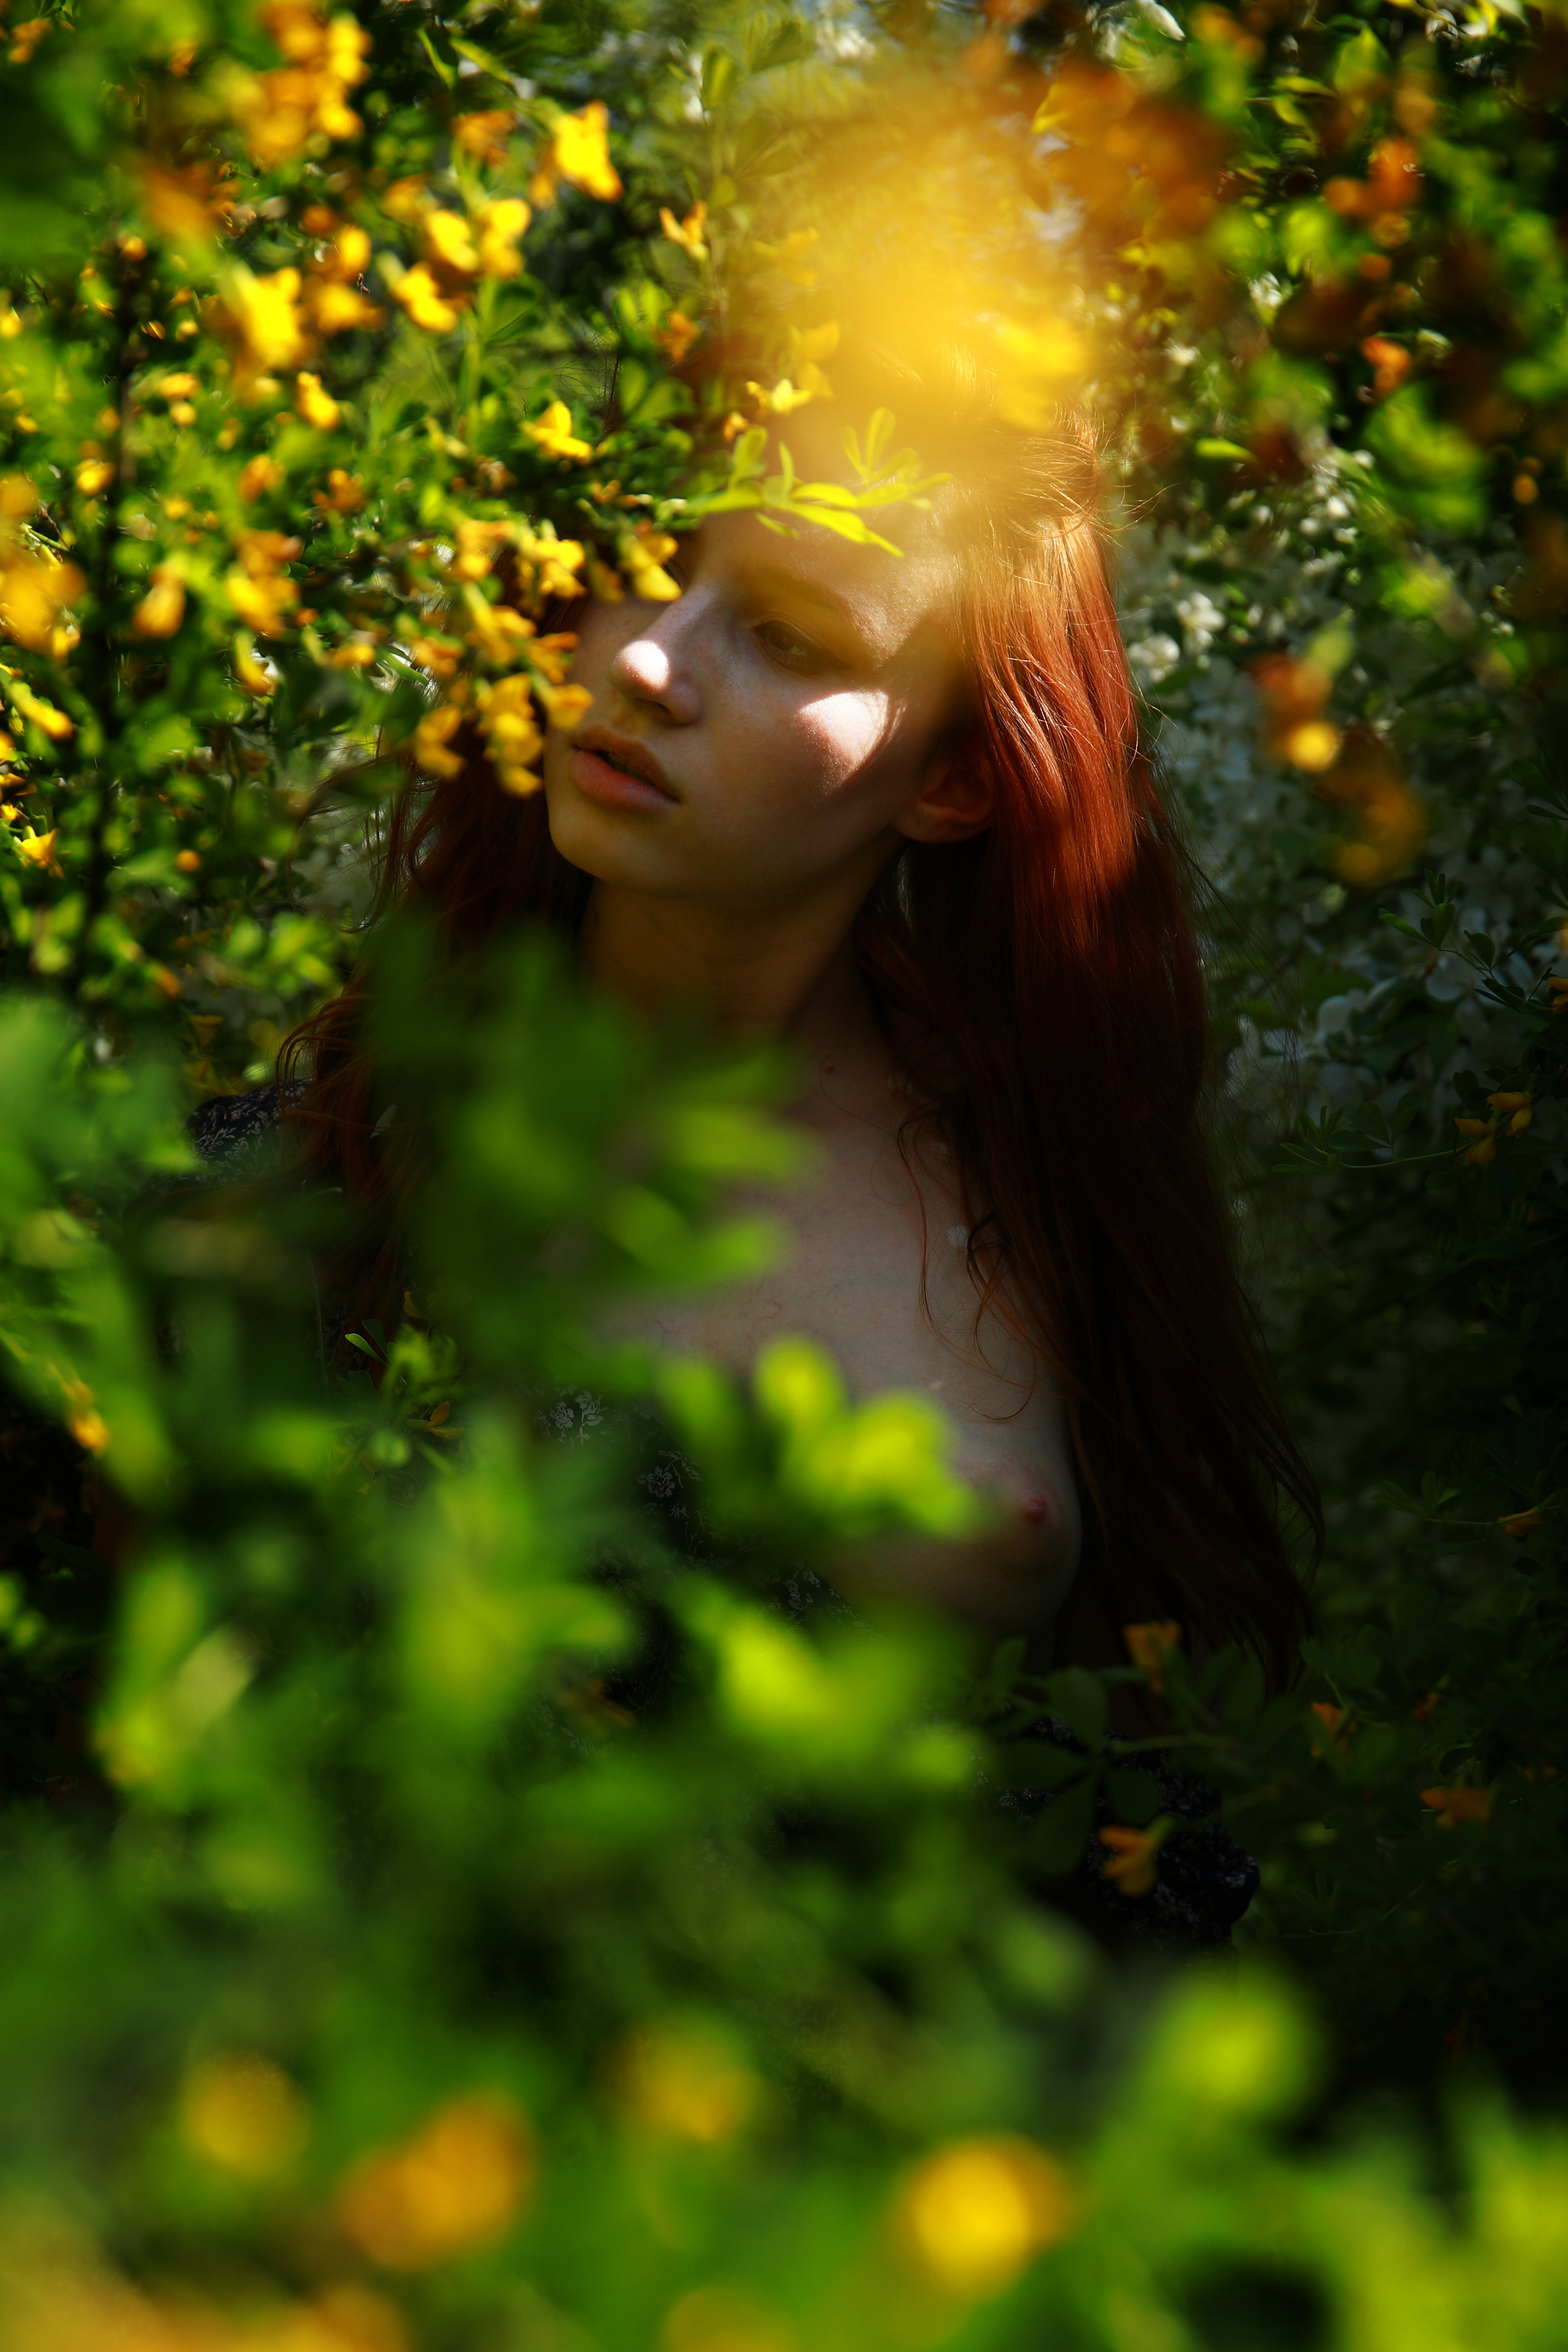 фотограф,павелтроицкий,ню,эротика,nude,artnu,nu,фотосессия,натура,лето,цветы, Троицкий Павел